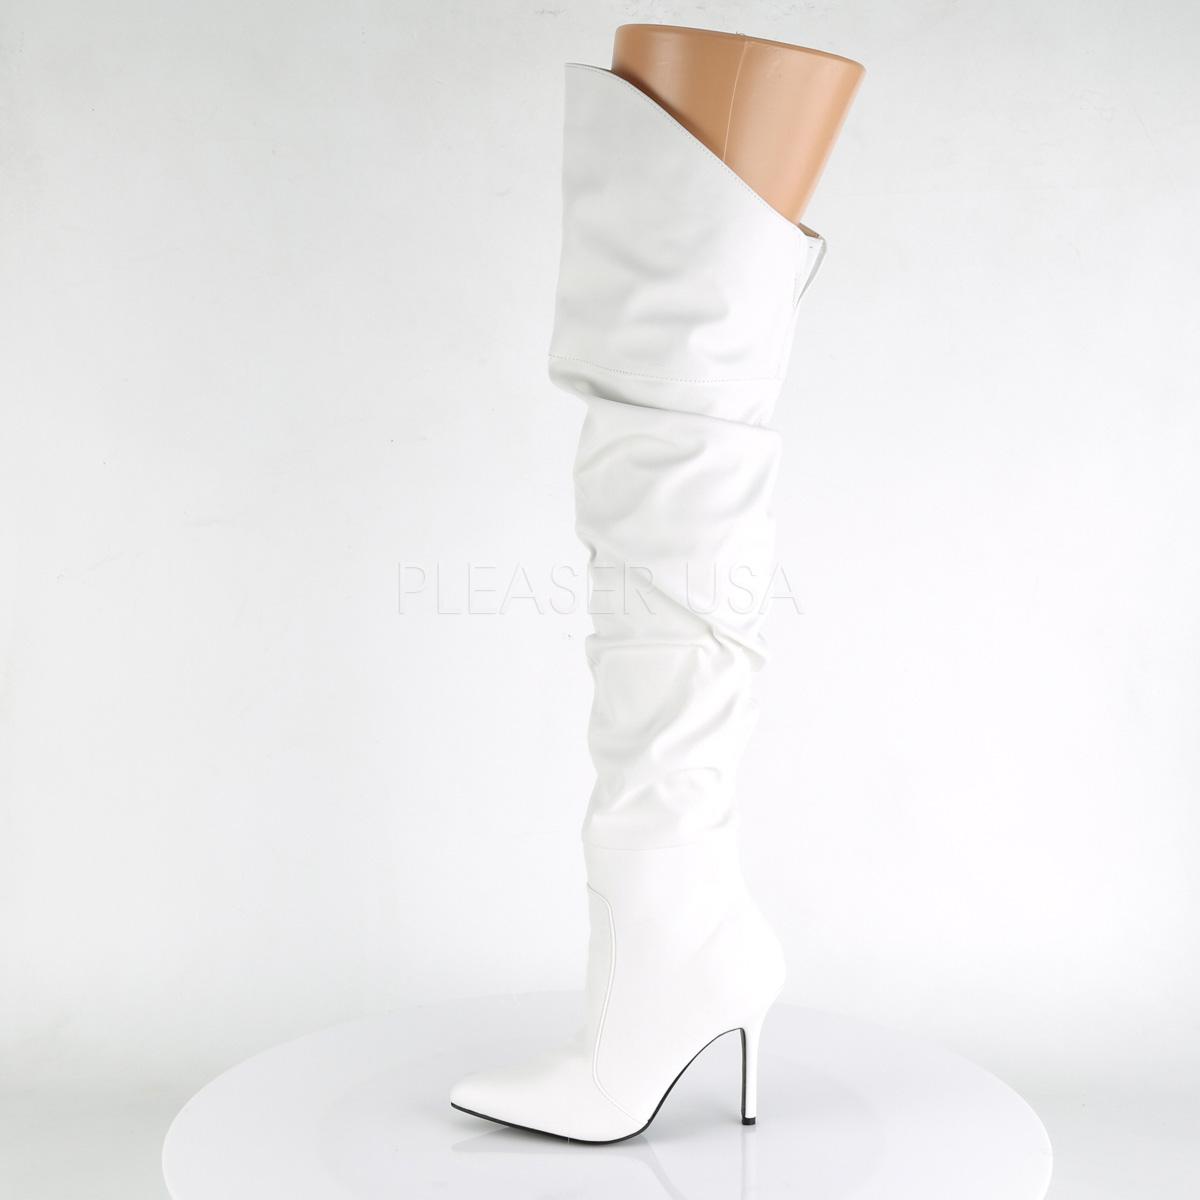 Pleaser CLASSIQUE-3011サイハイブーツ くしゅくしゅブーツ ひざ上 プリーザー 白 ホワイト◆取り寄せ